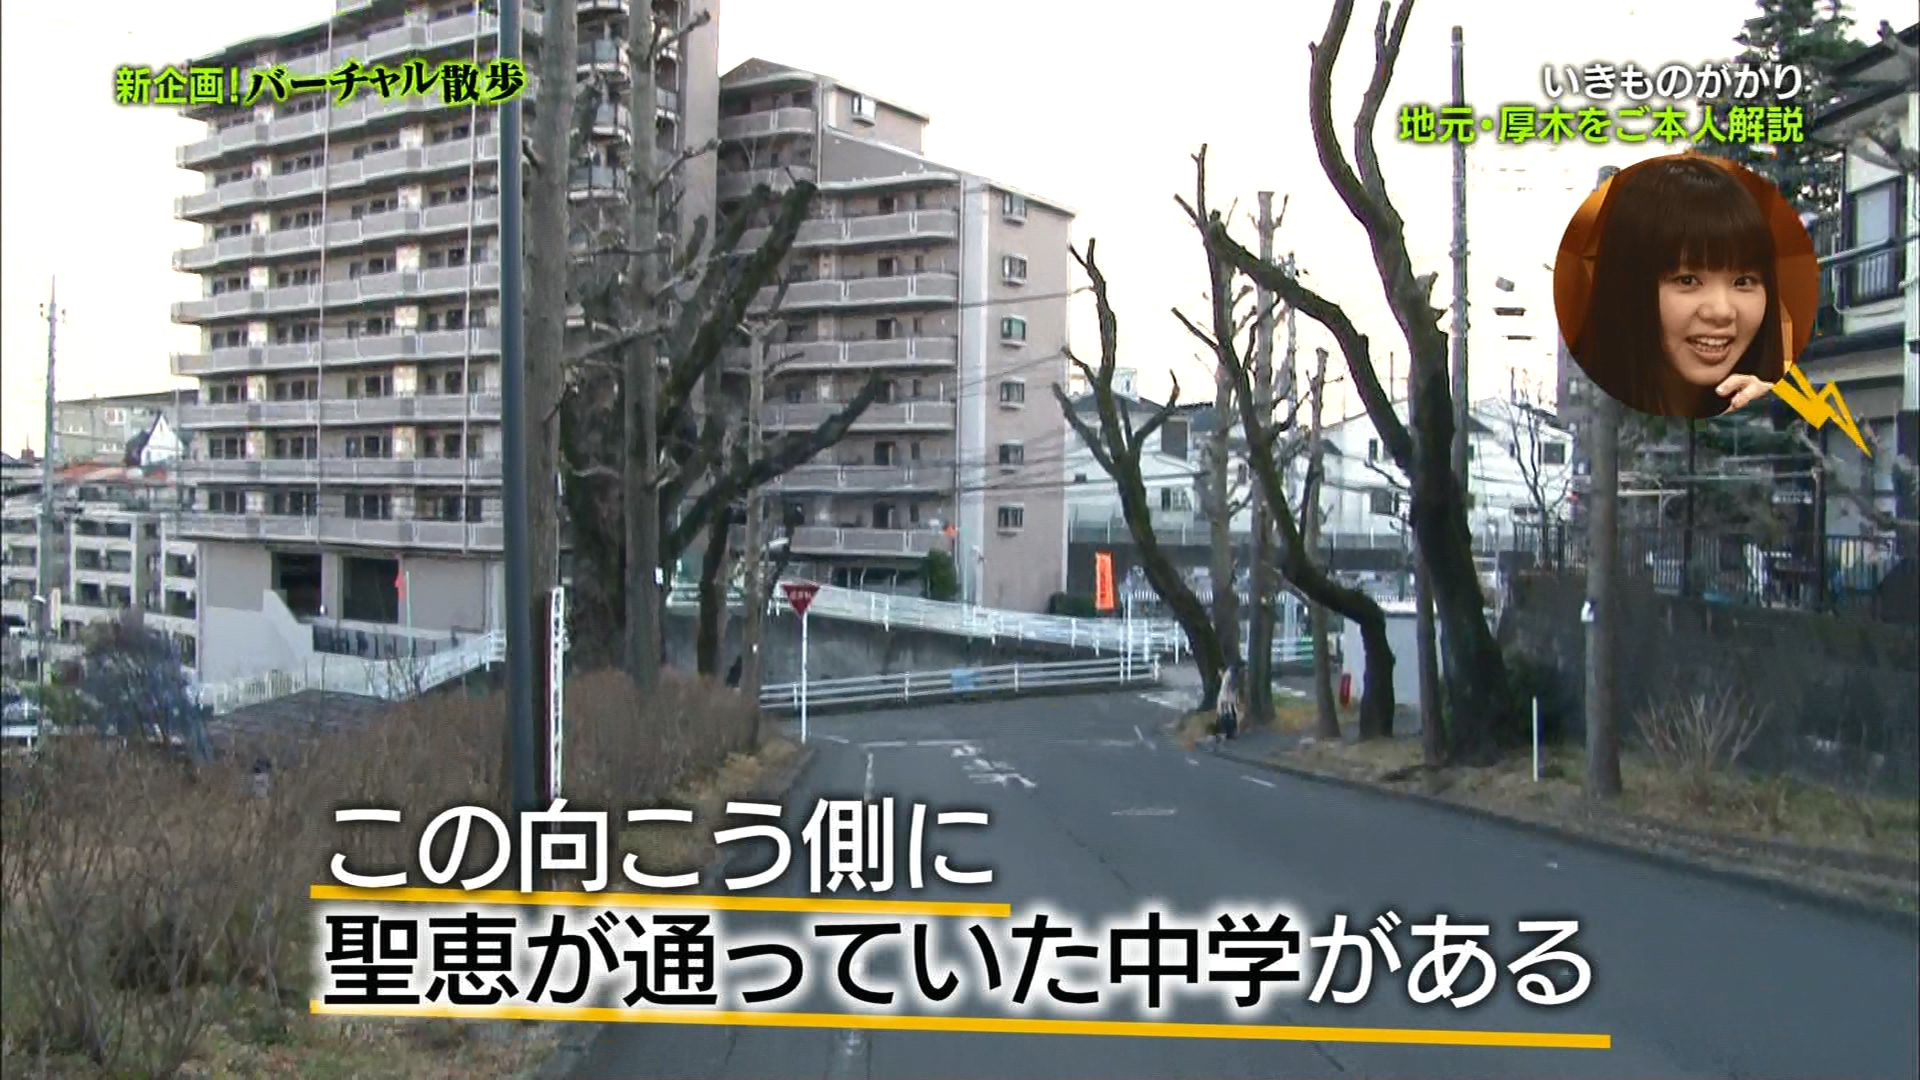 2016.03.11 全場(バズリズム).ts_20160312_013922.291